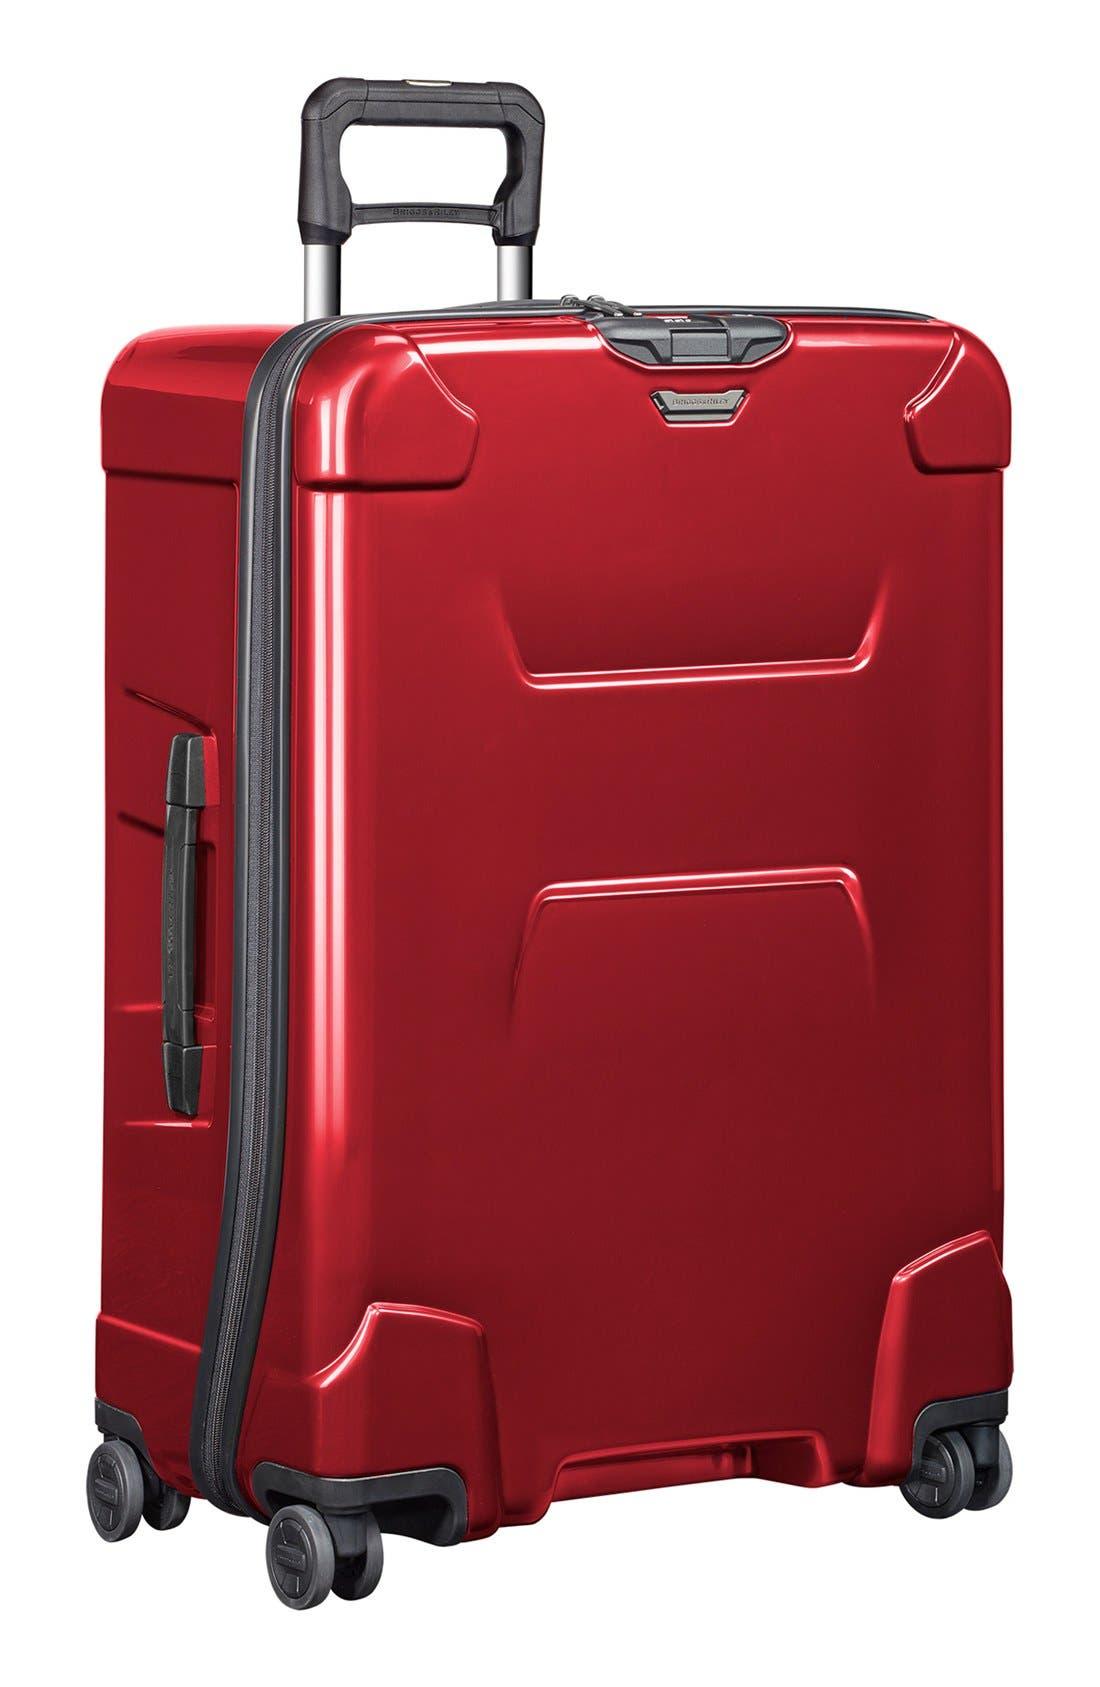 Briggs & Riley 'Torq' LargeWheeled Packing Case